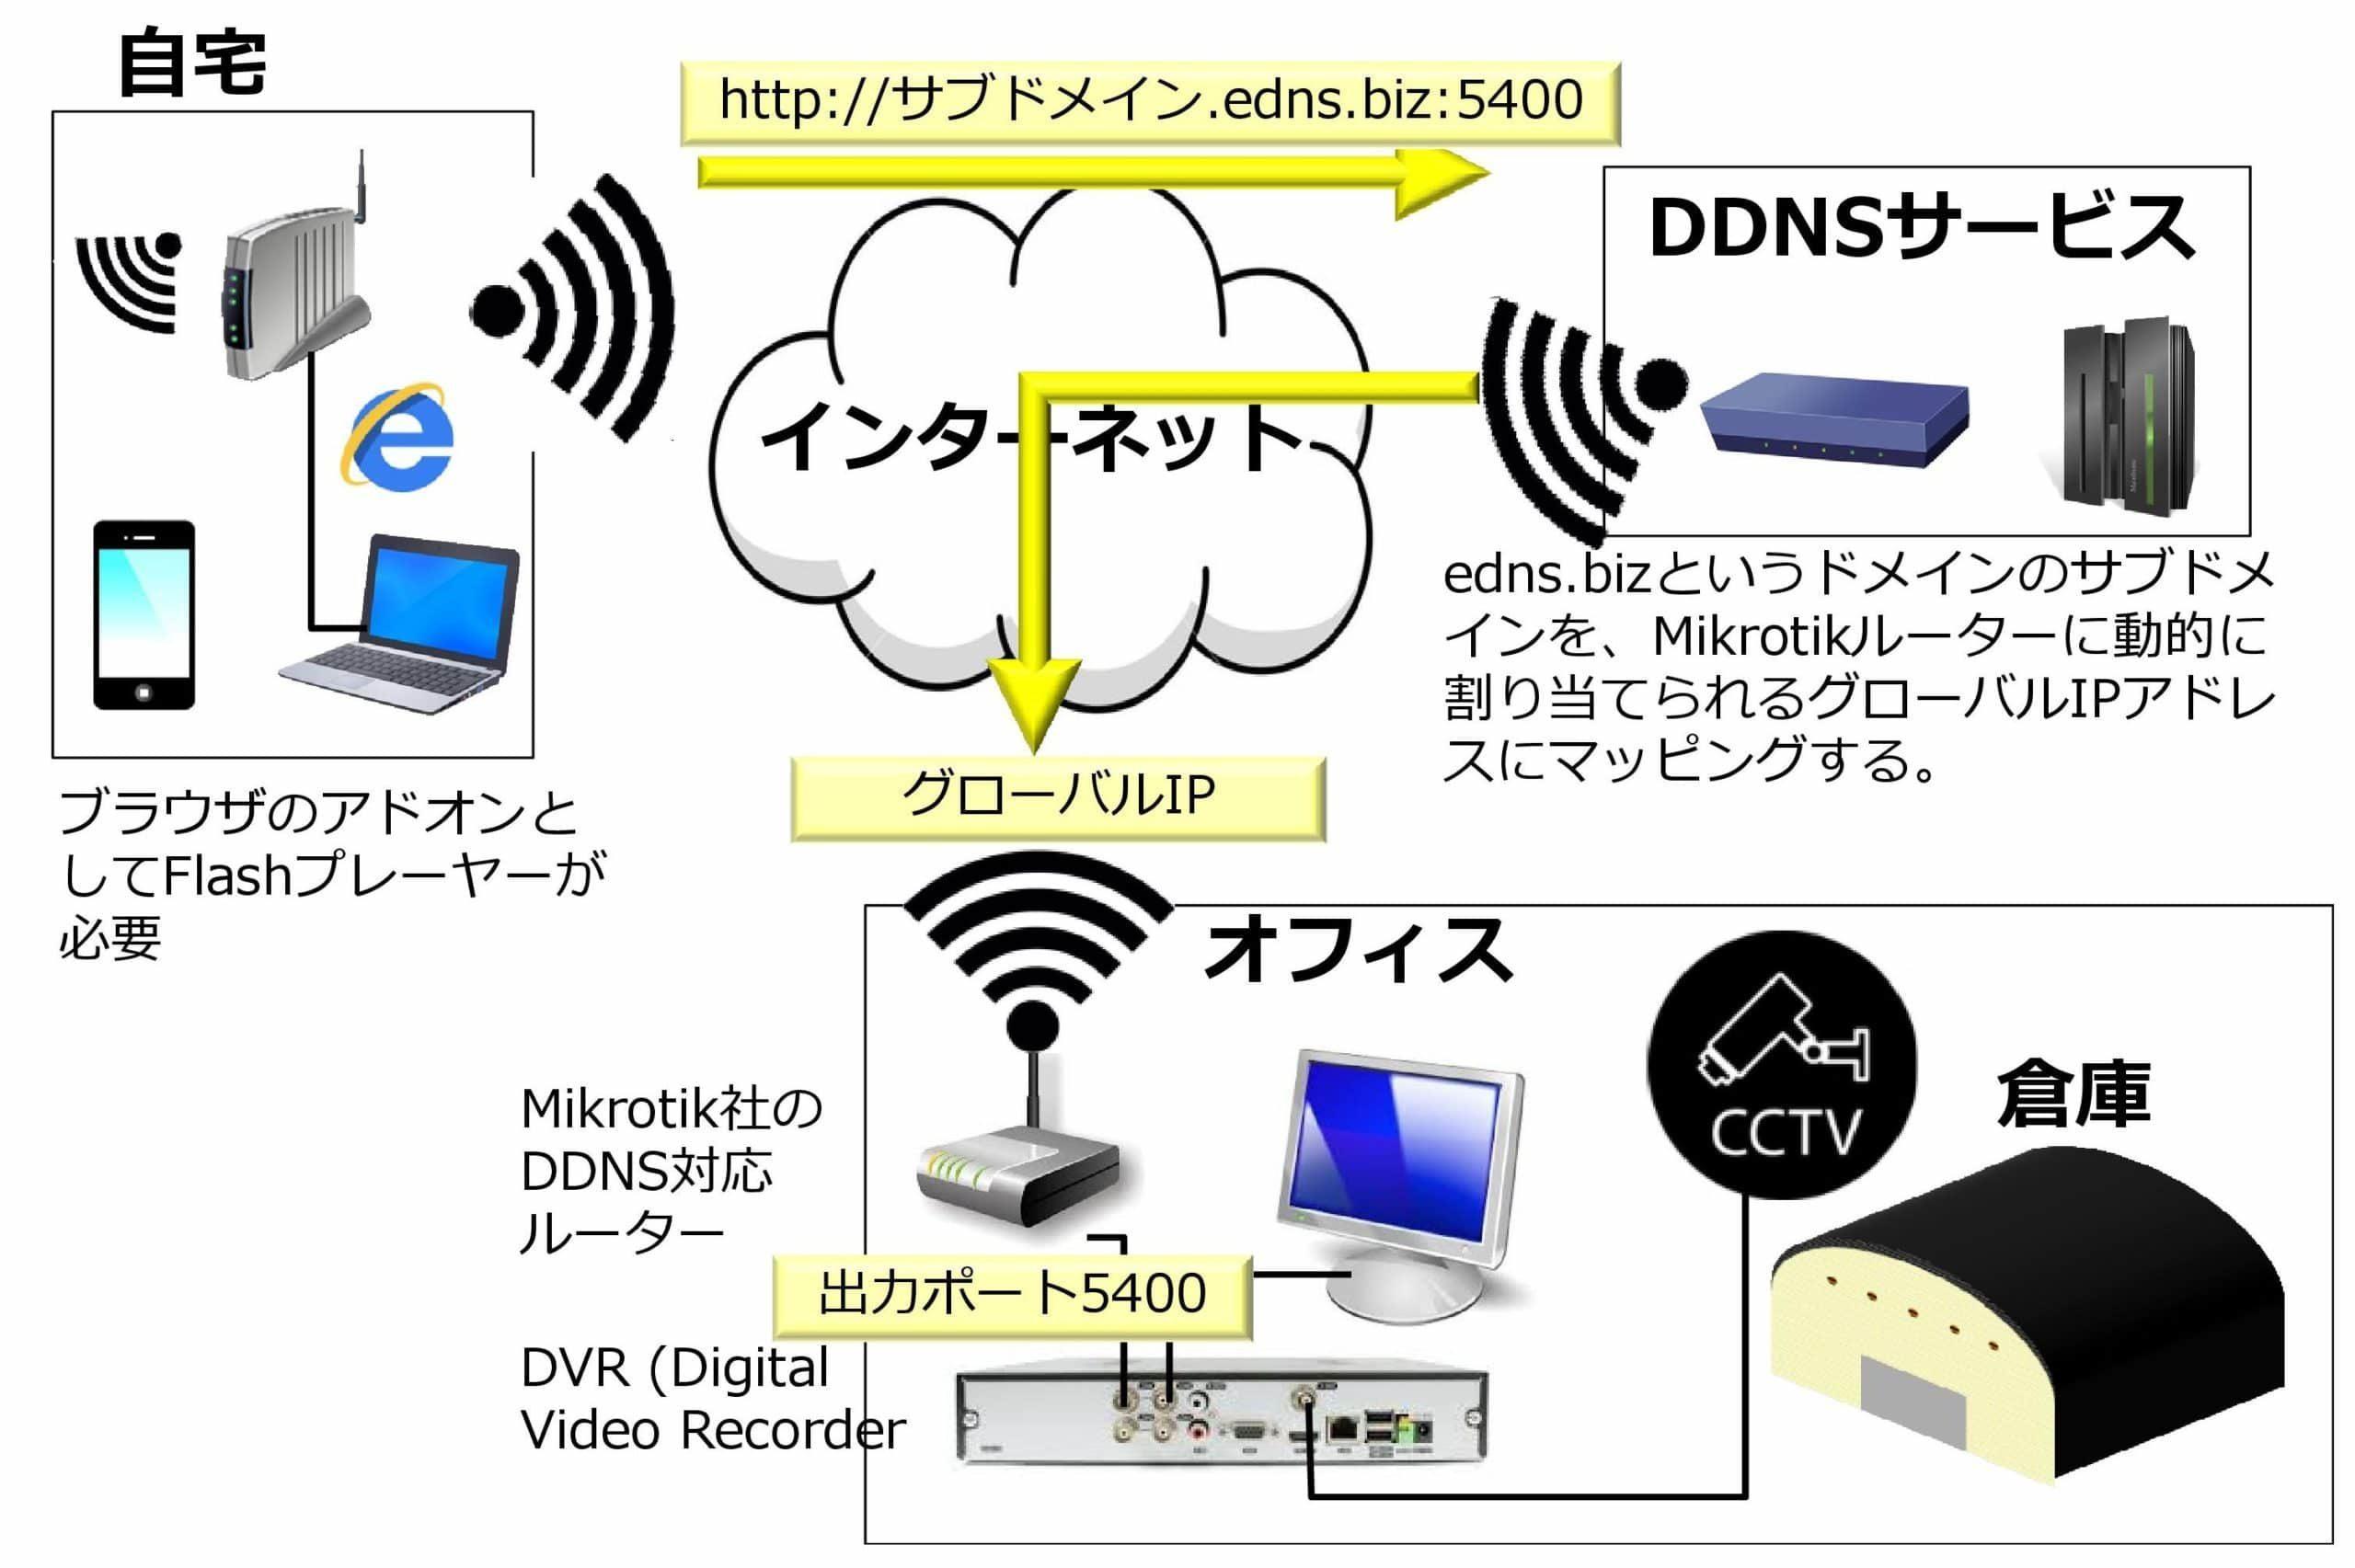 CCTVのインターネット配信